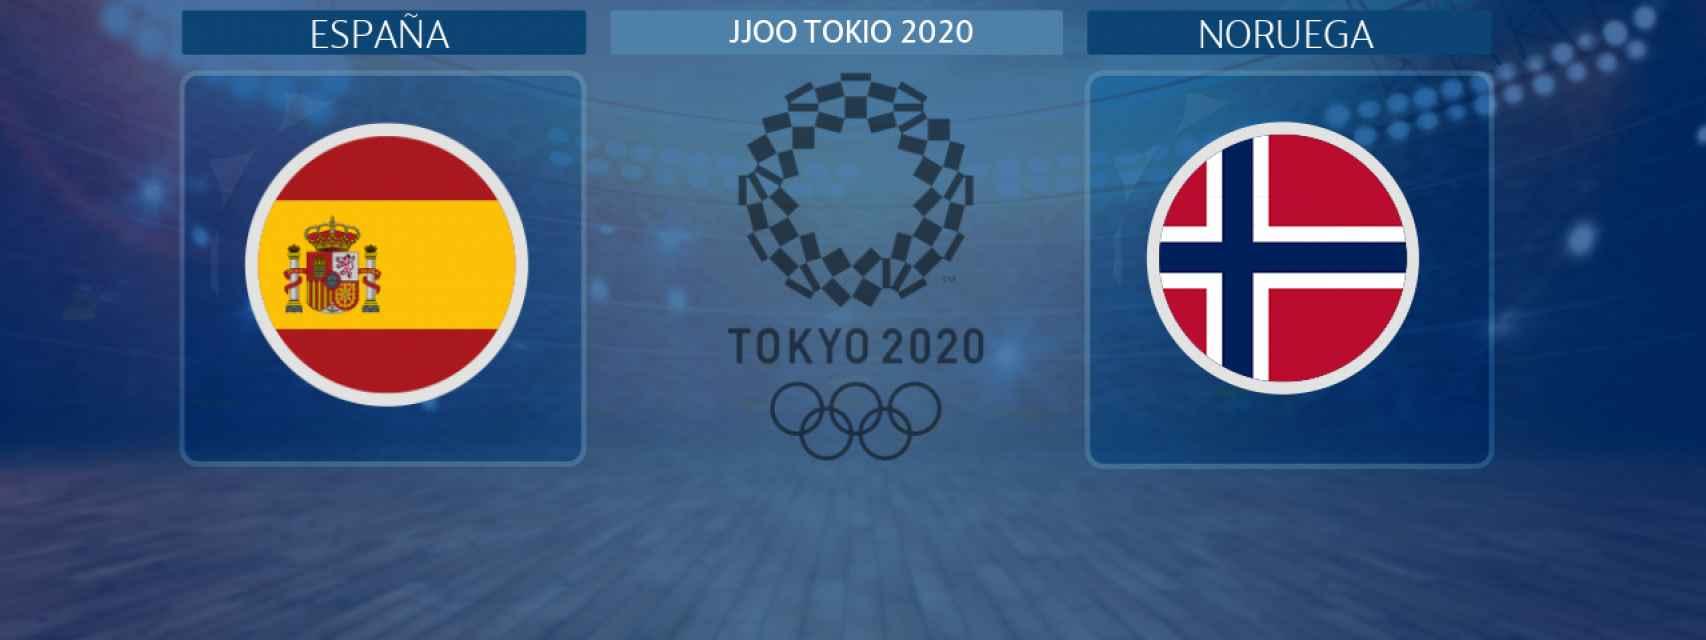 España - Noruega, partido de balonmano femenino de los JJOO Tokio 2020